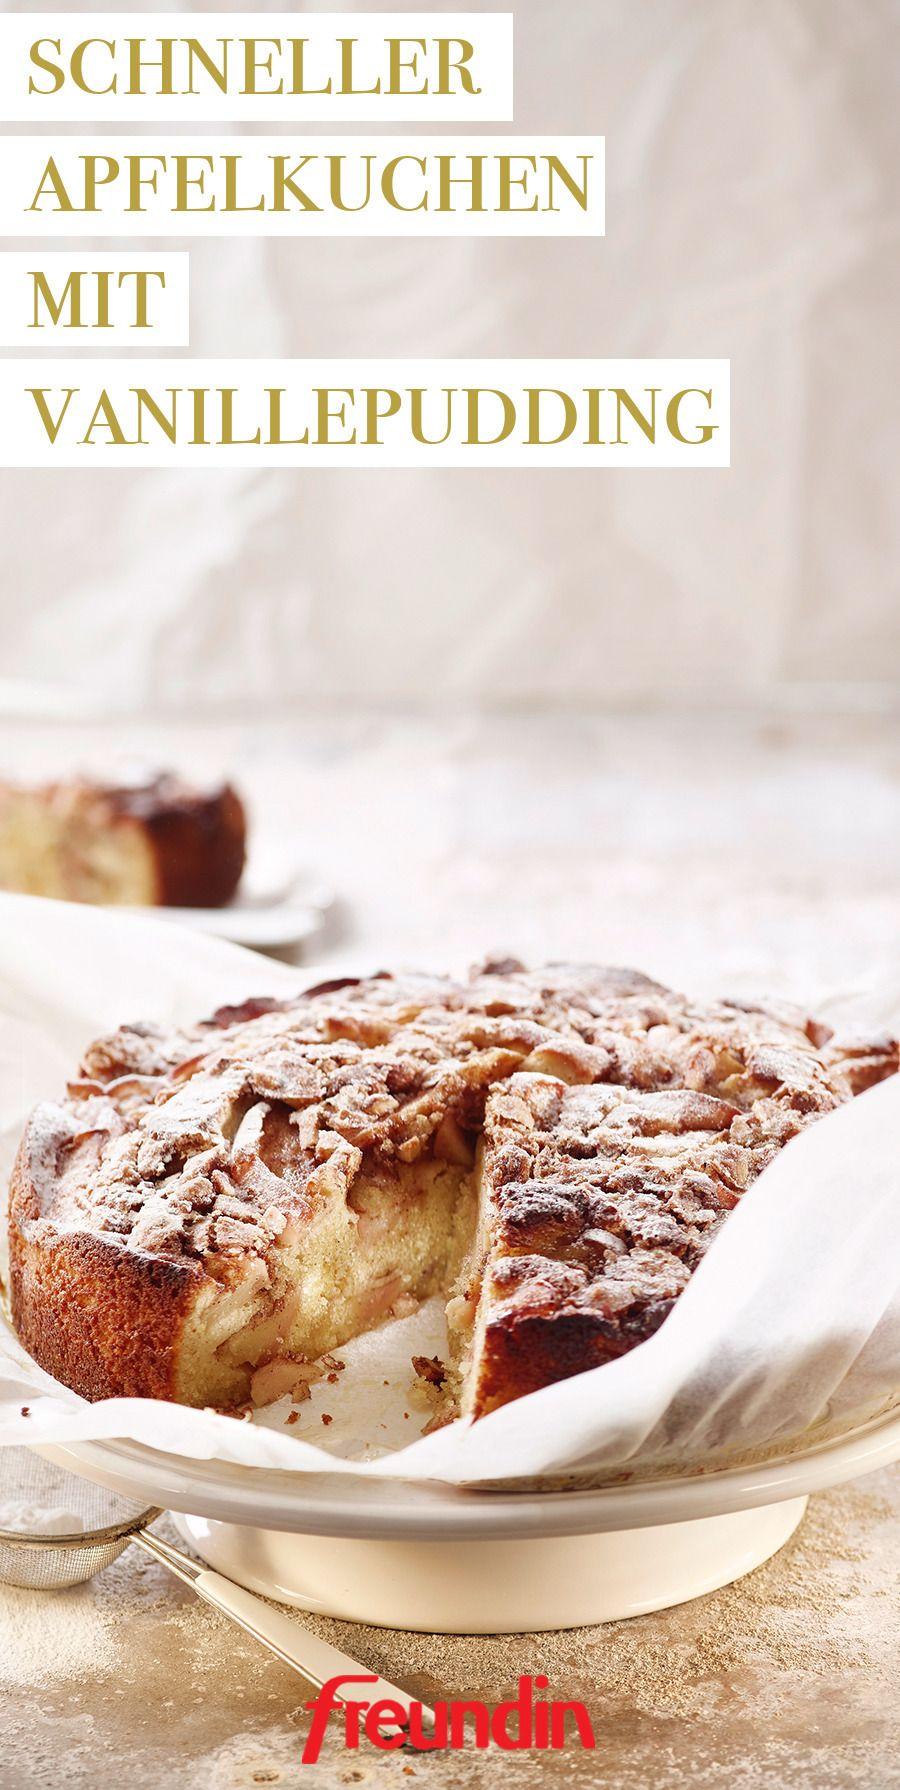 Schnelles Rezept: Apfelkuchen mit Vanillepudding | freundin.de #schnellerezeptemittagessen